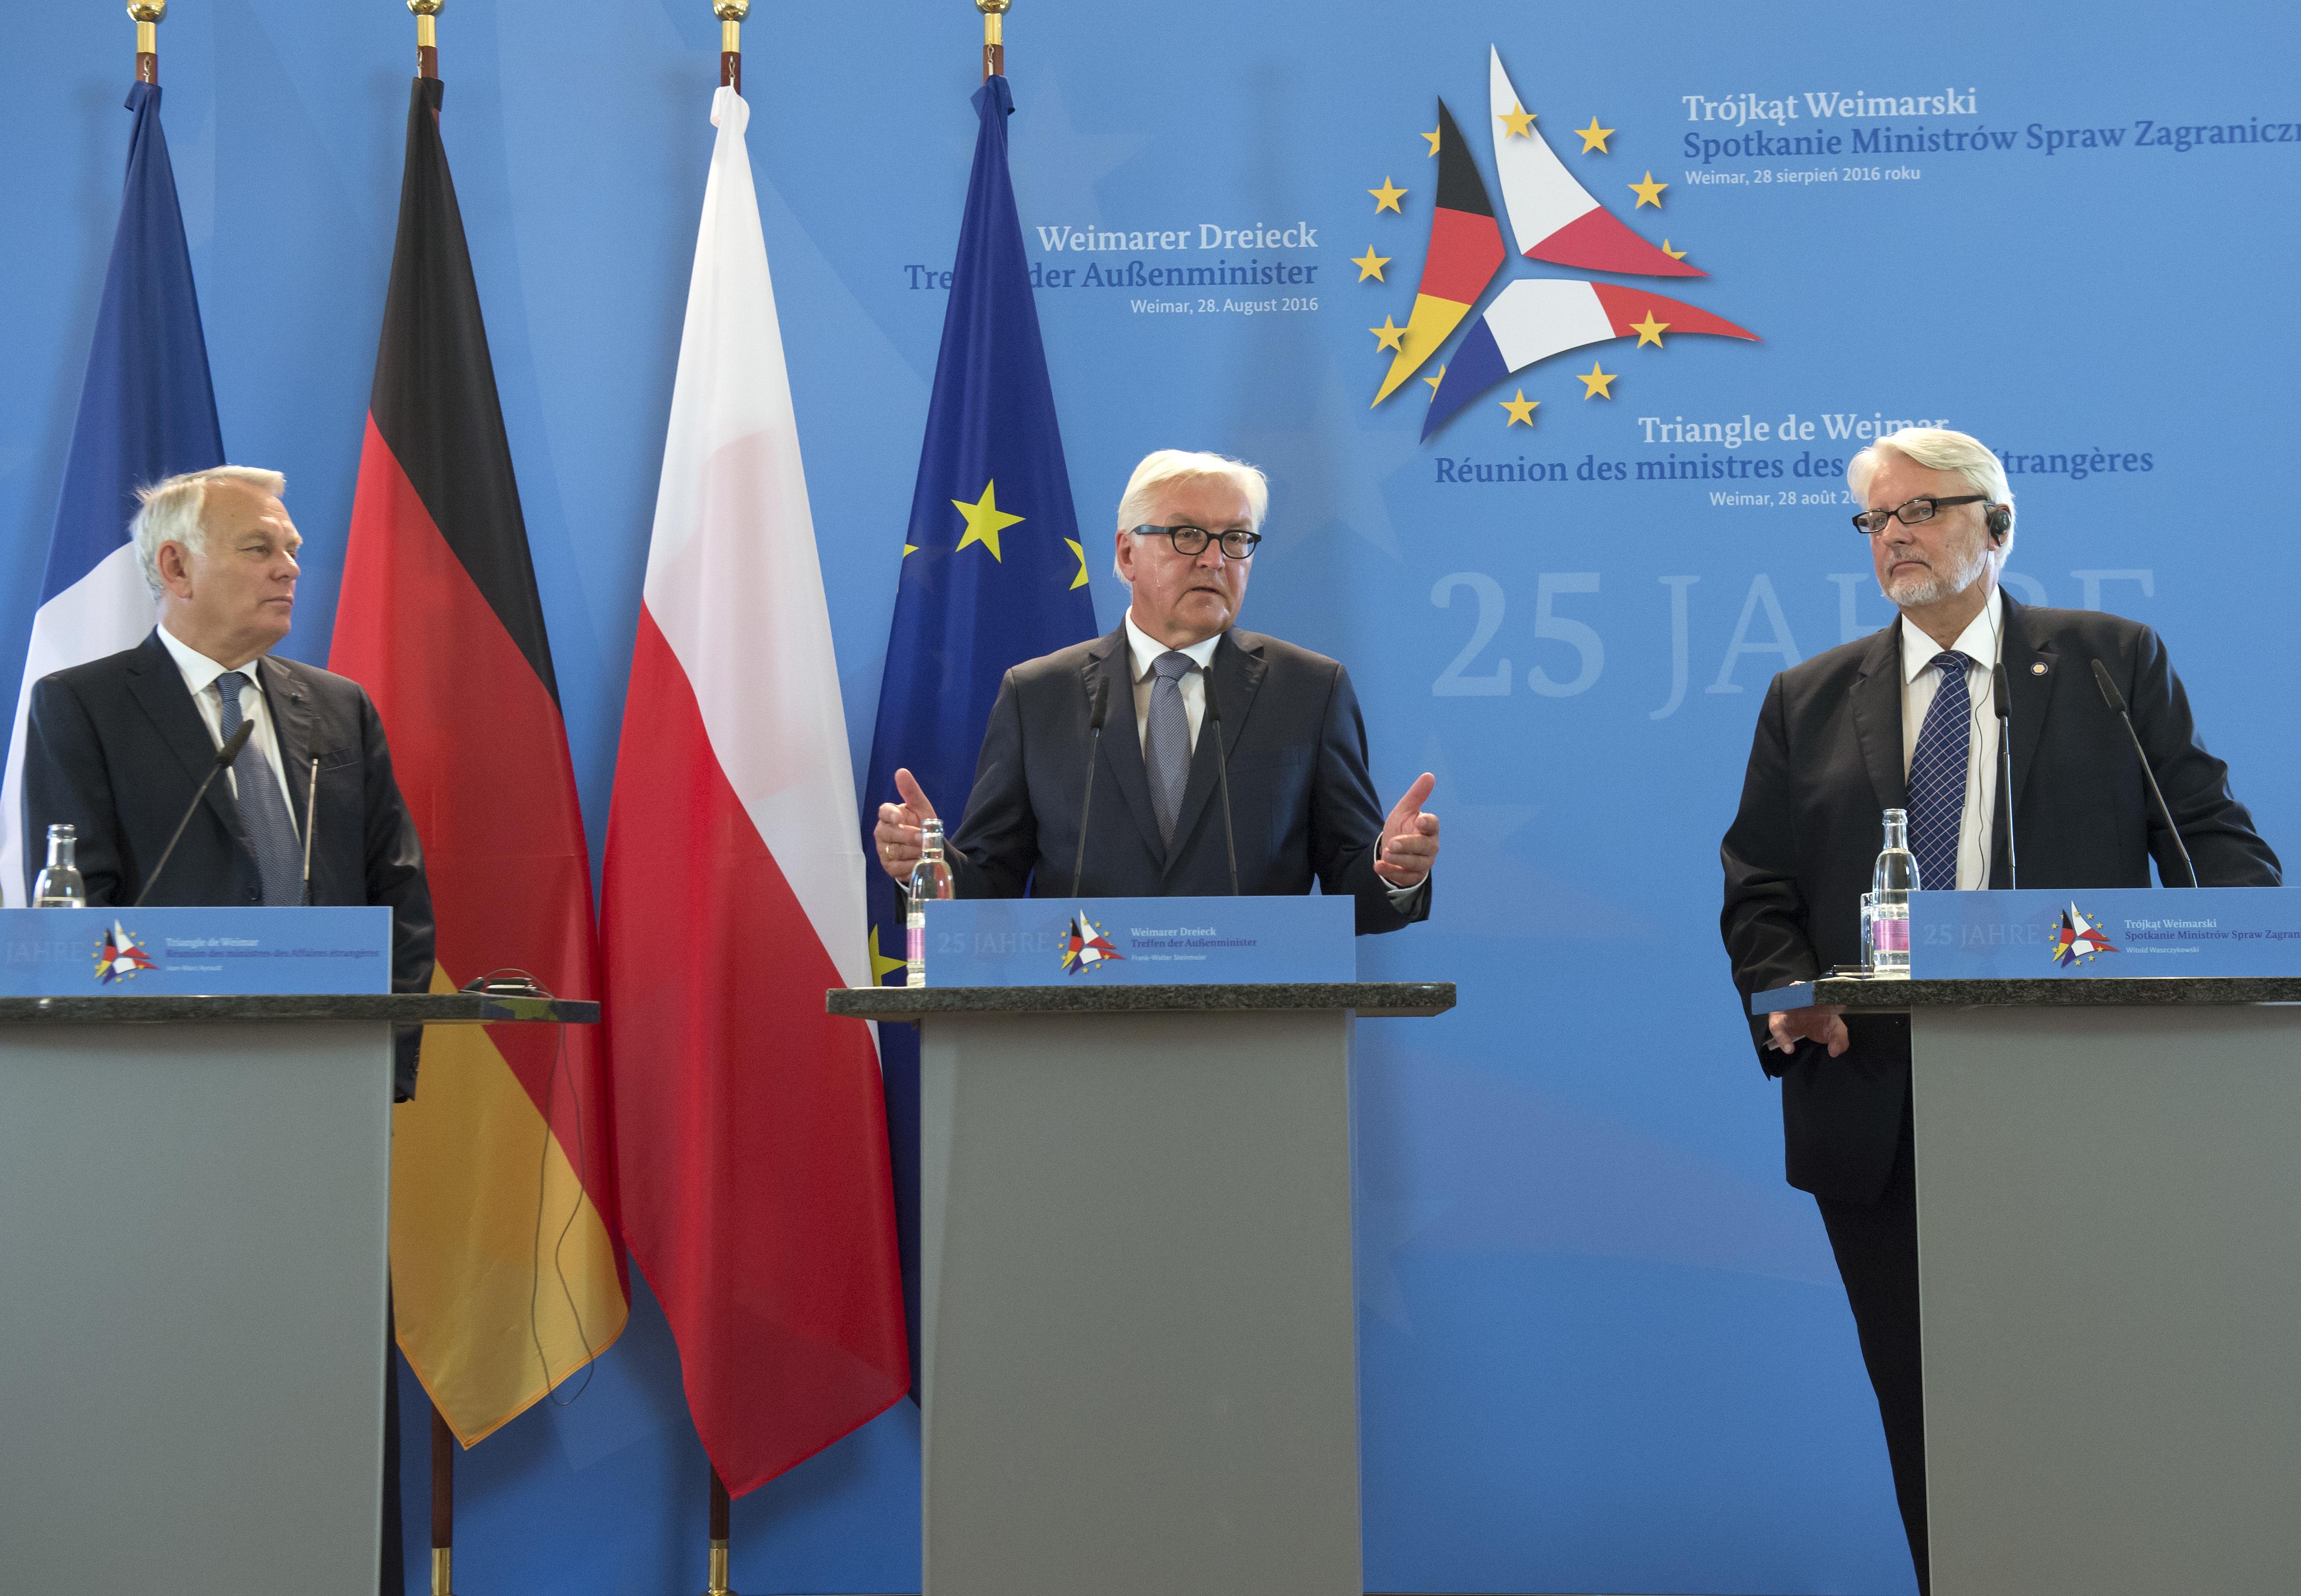 Weimarský trojuholník bezpečnostná rada